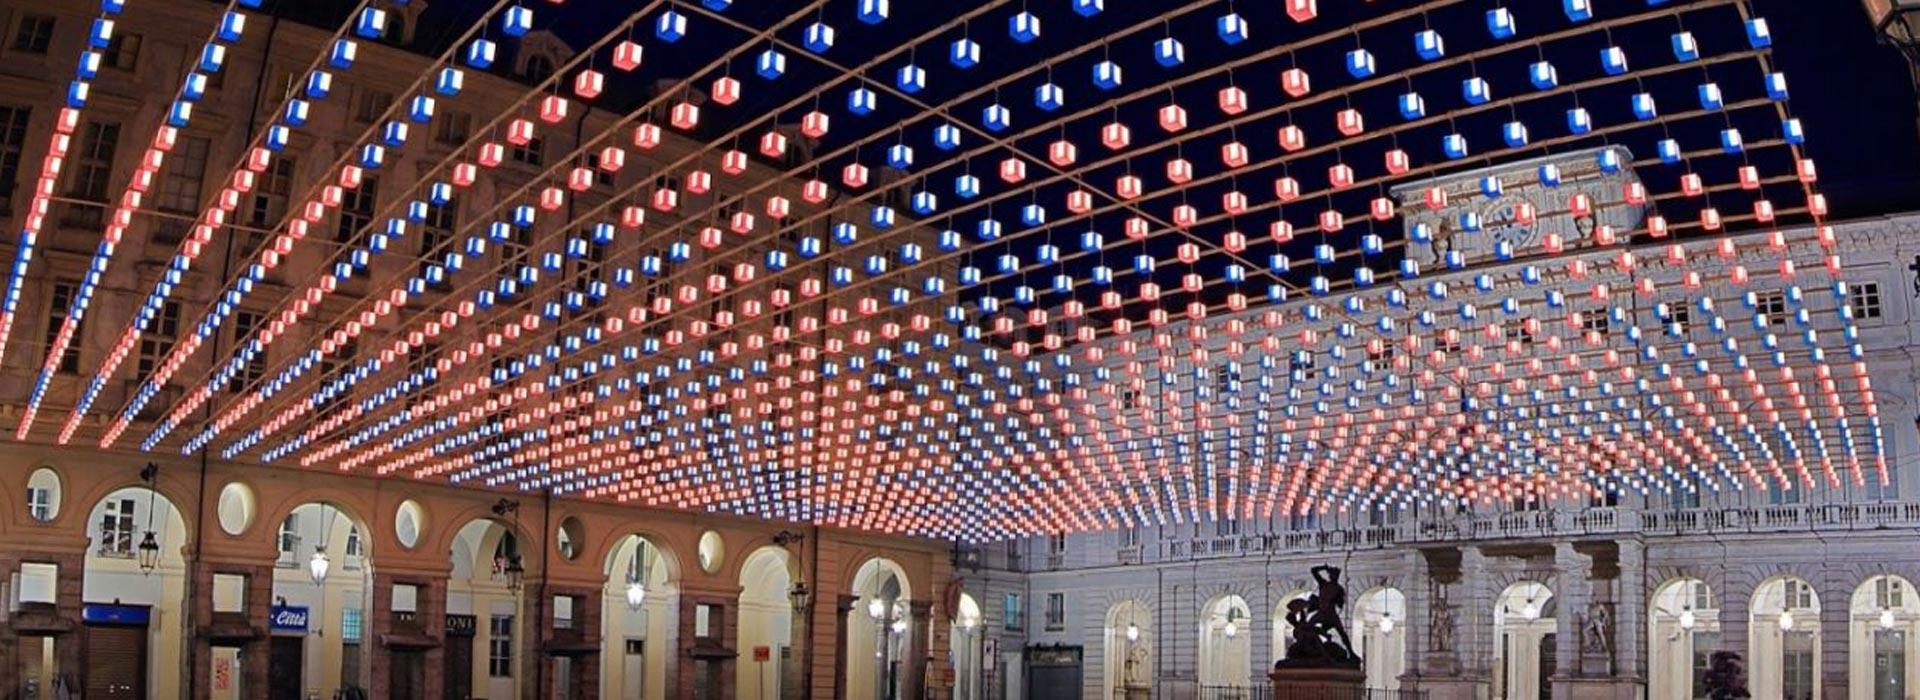 Torino luci d'artista